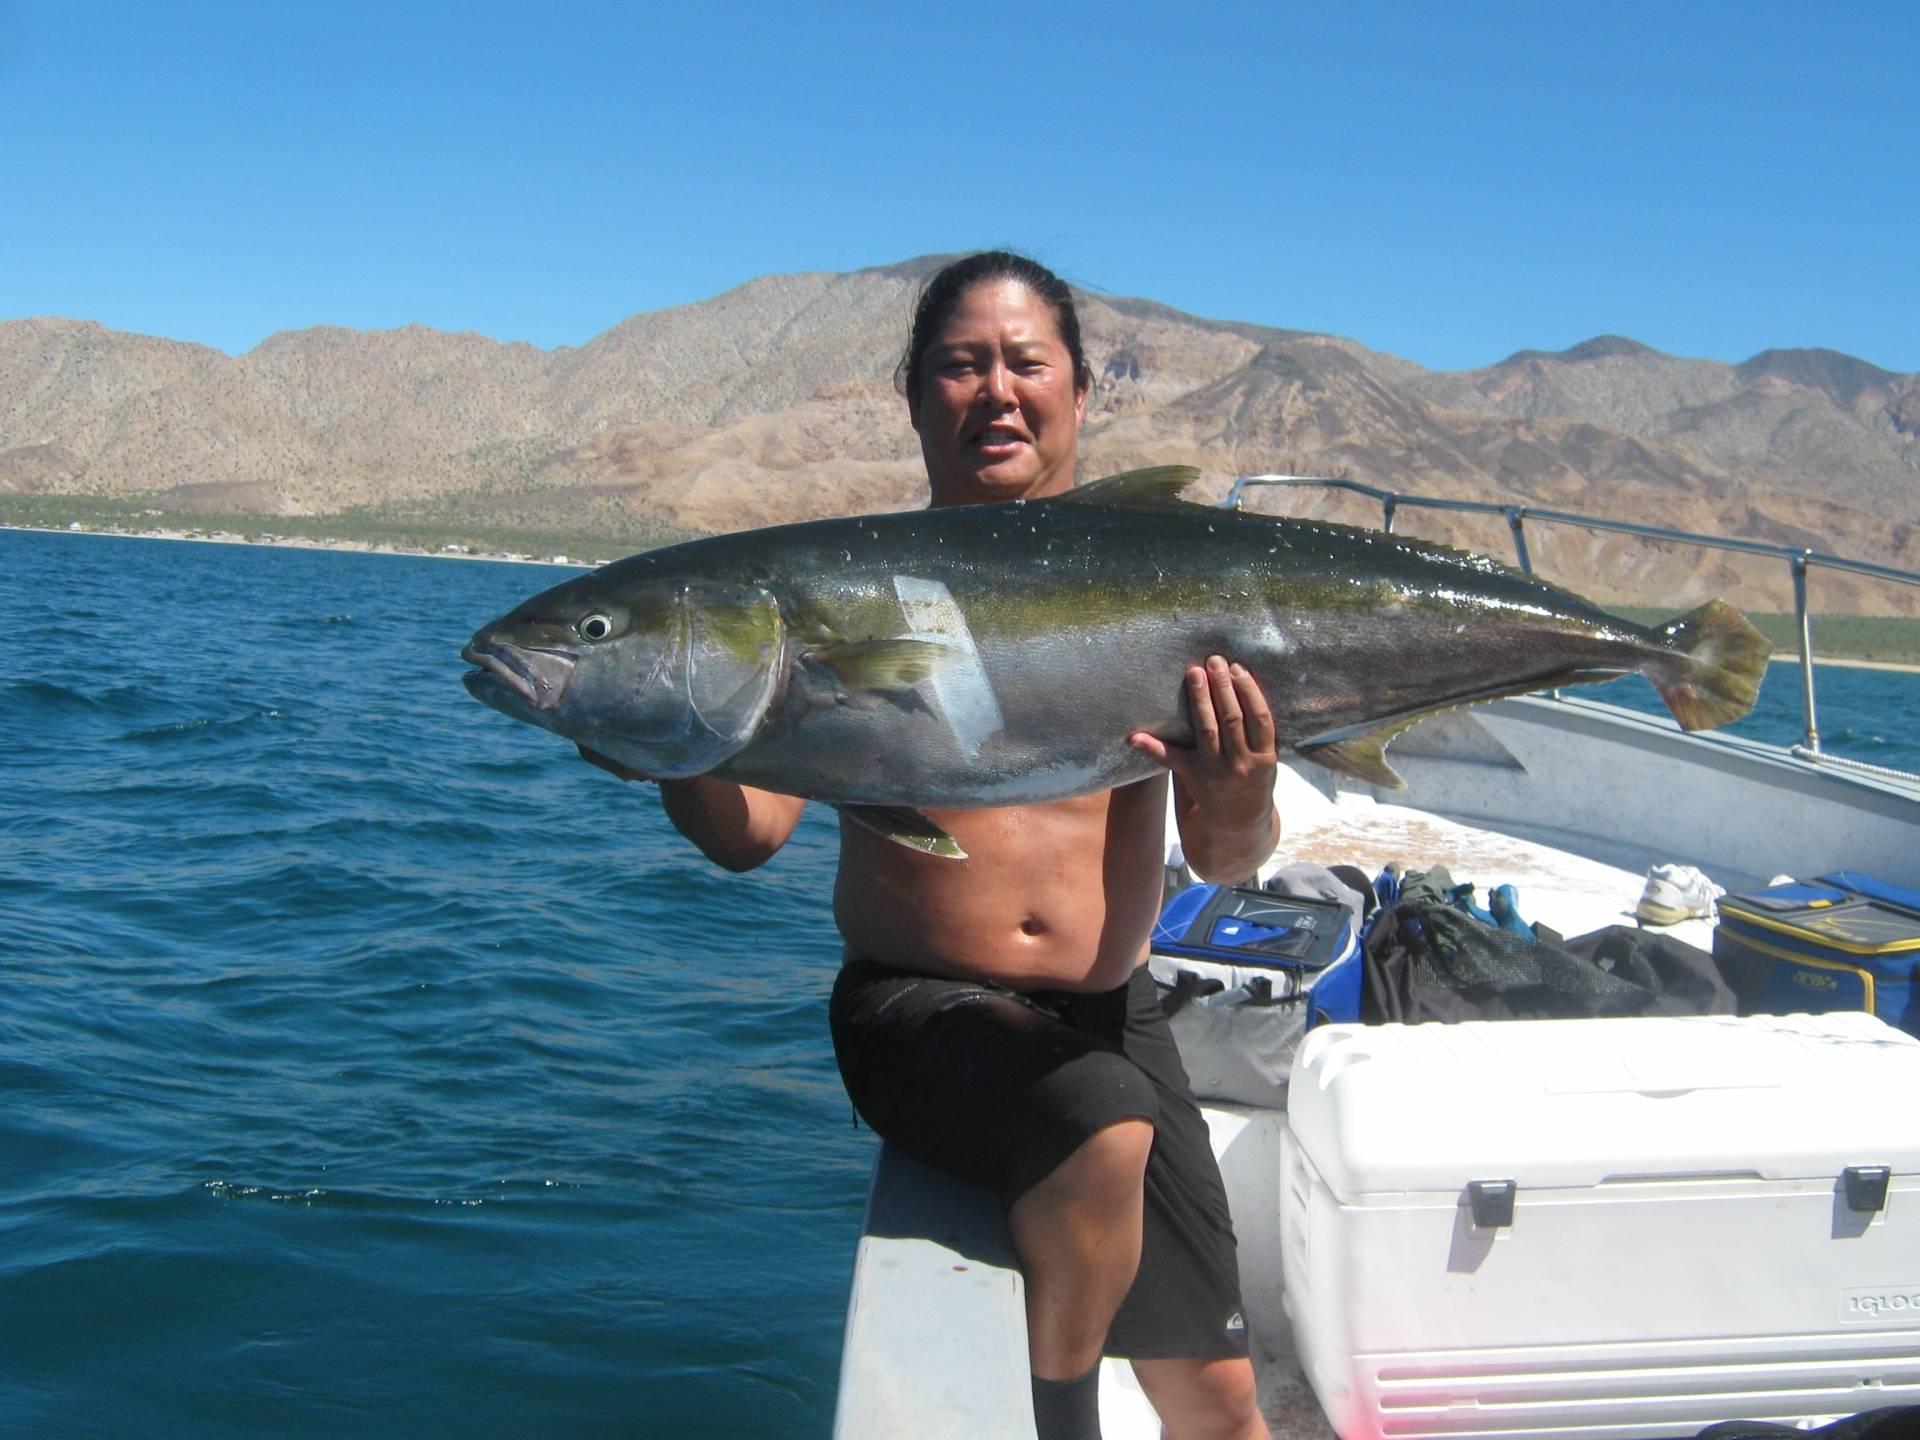 Bahia de los sportfishing for Los angeles fishing charters